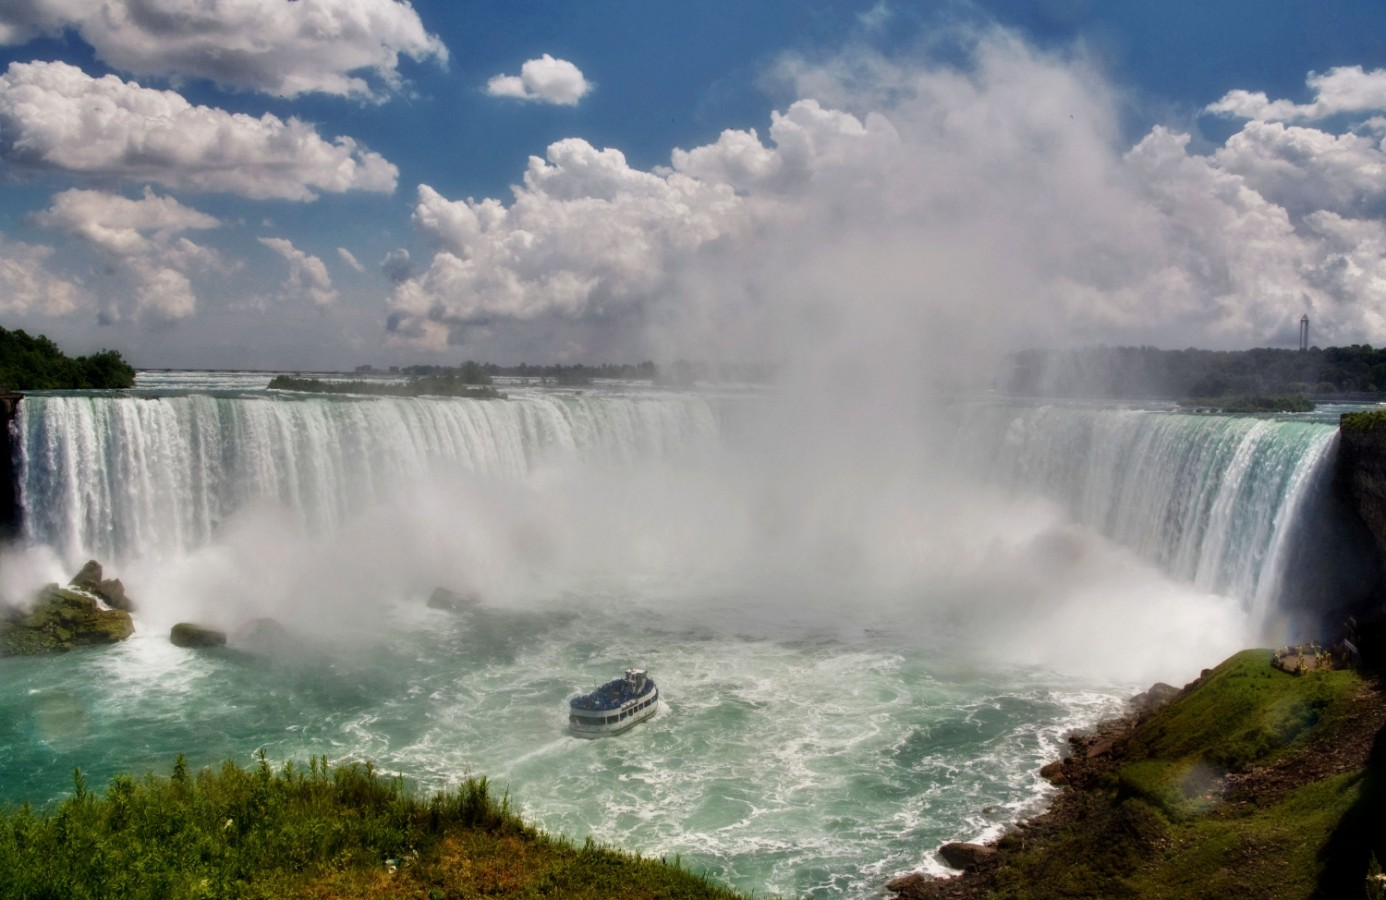 Az állandó szivárványok hazája - Kirándulás a Niagara-vízeséshez és tovább